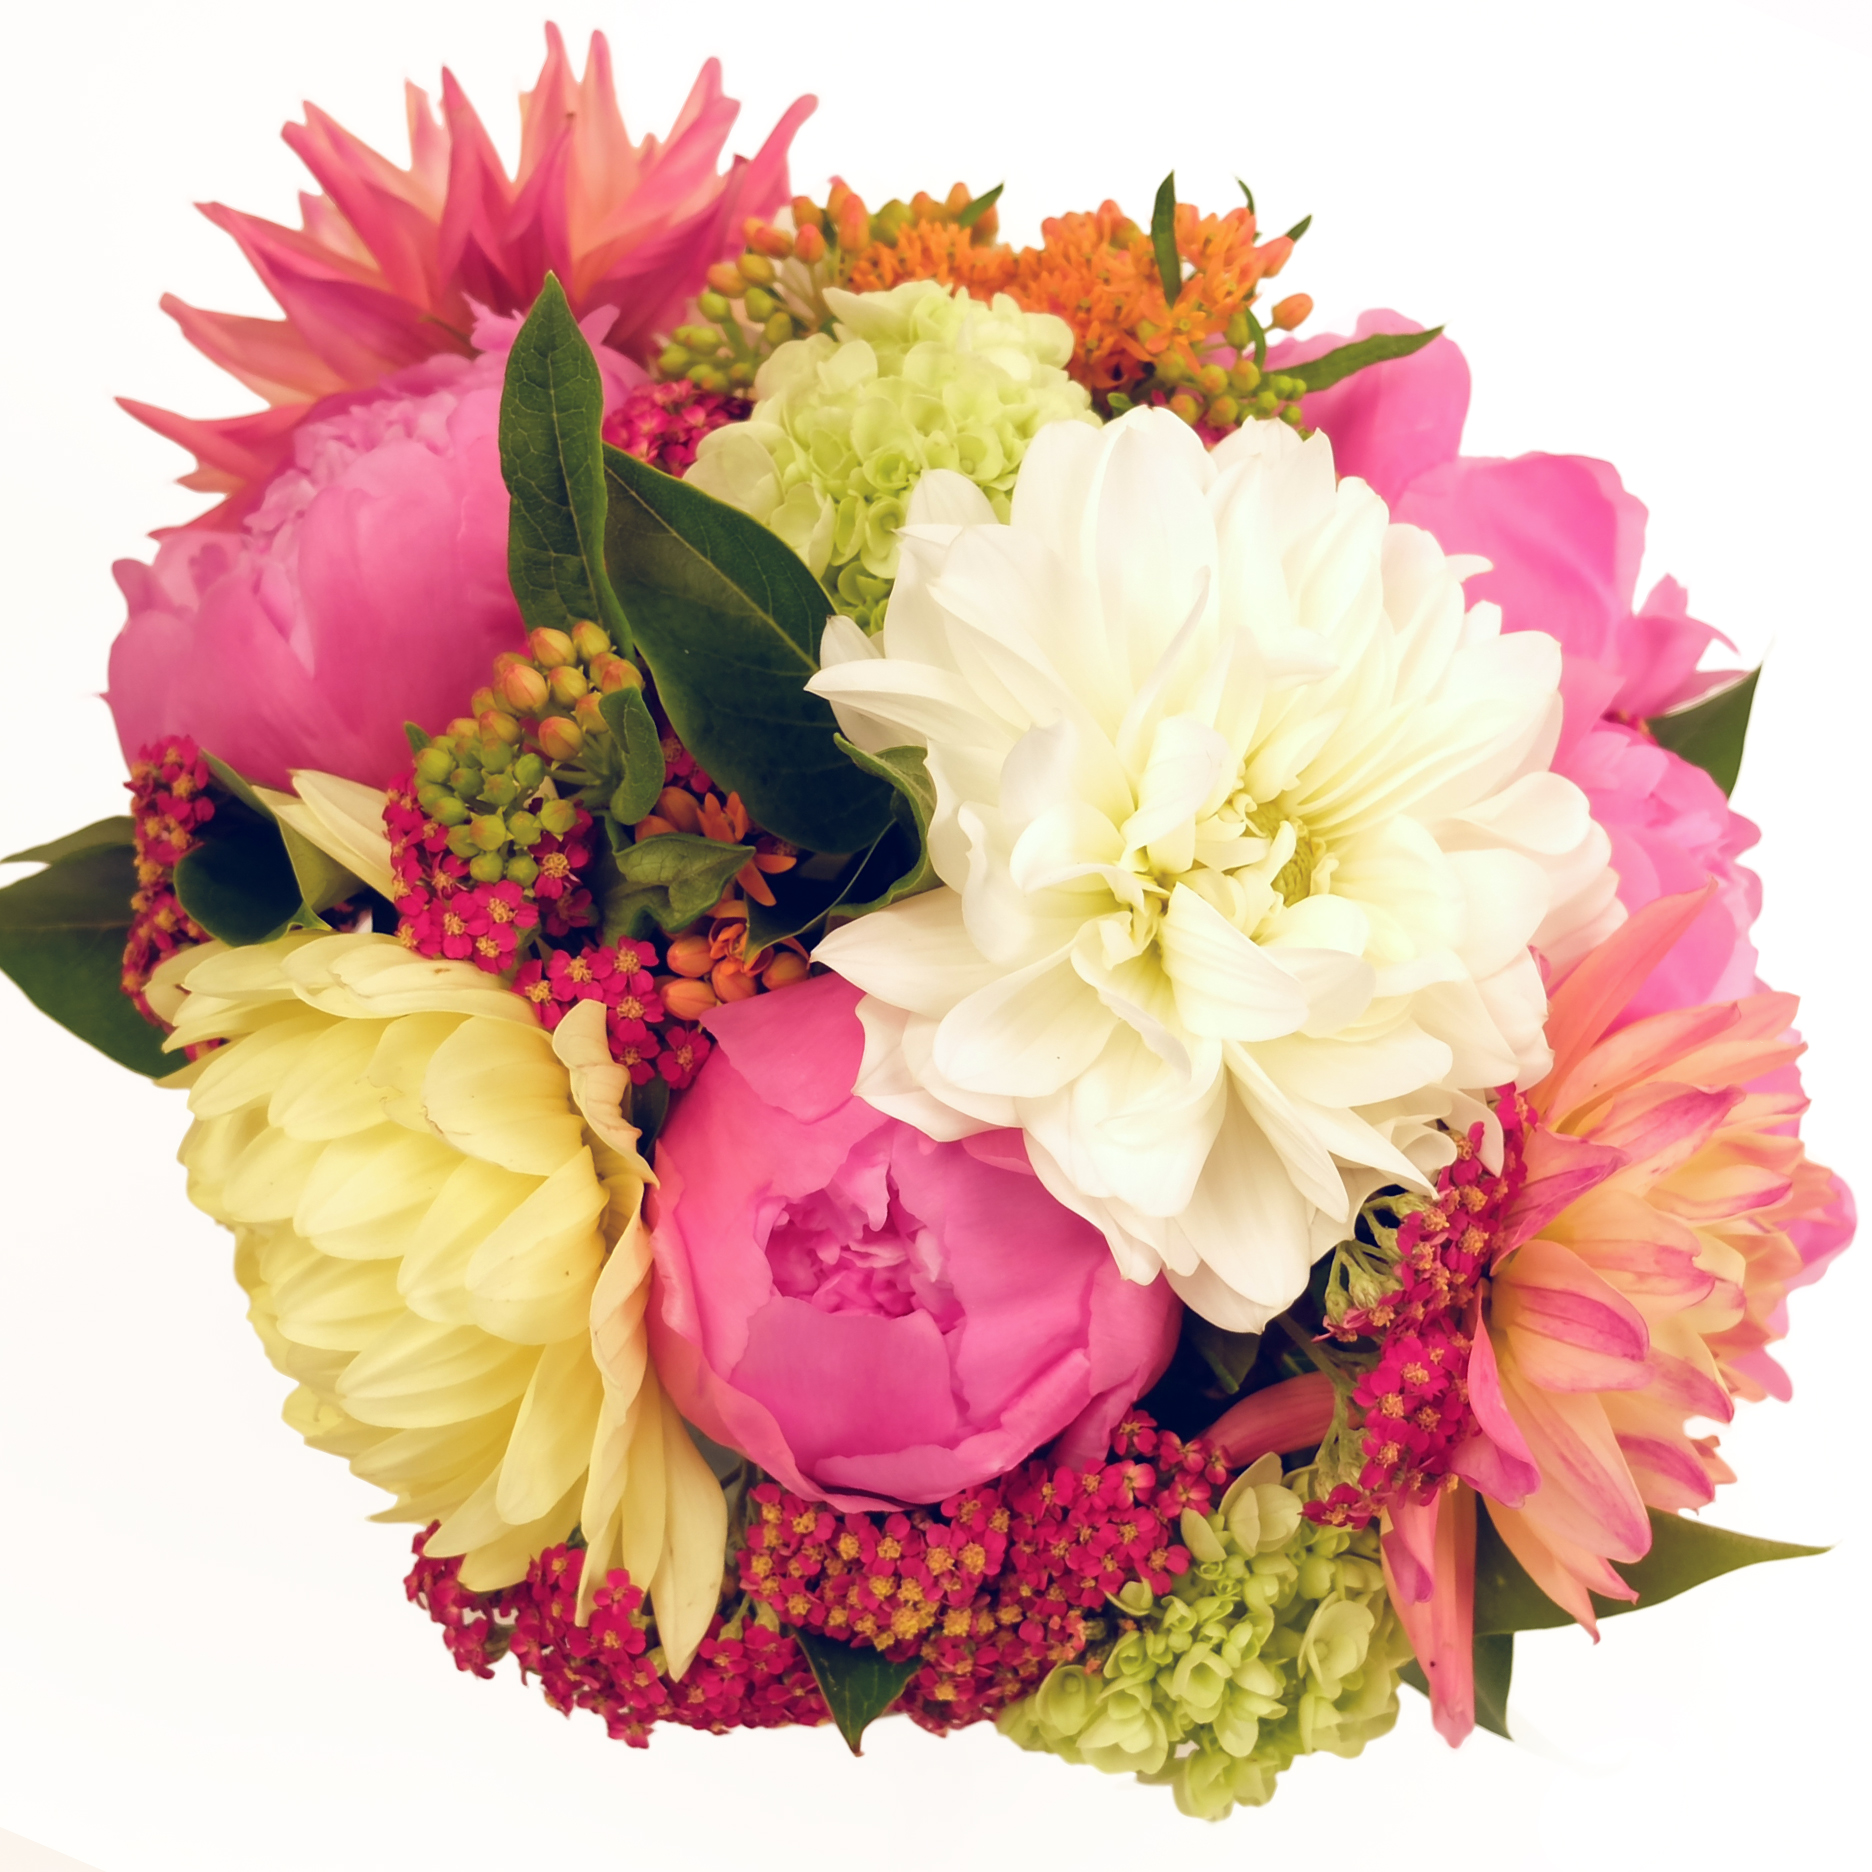 Fresh From The Garden Flower Bouquet – Shop Portland